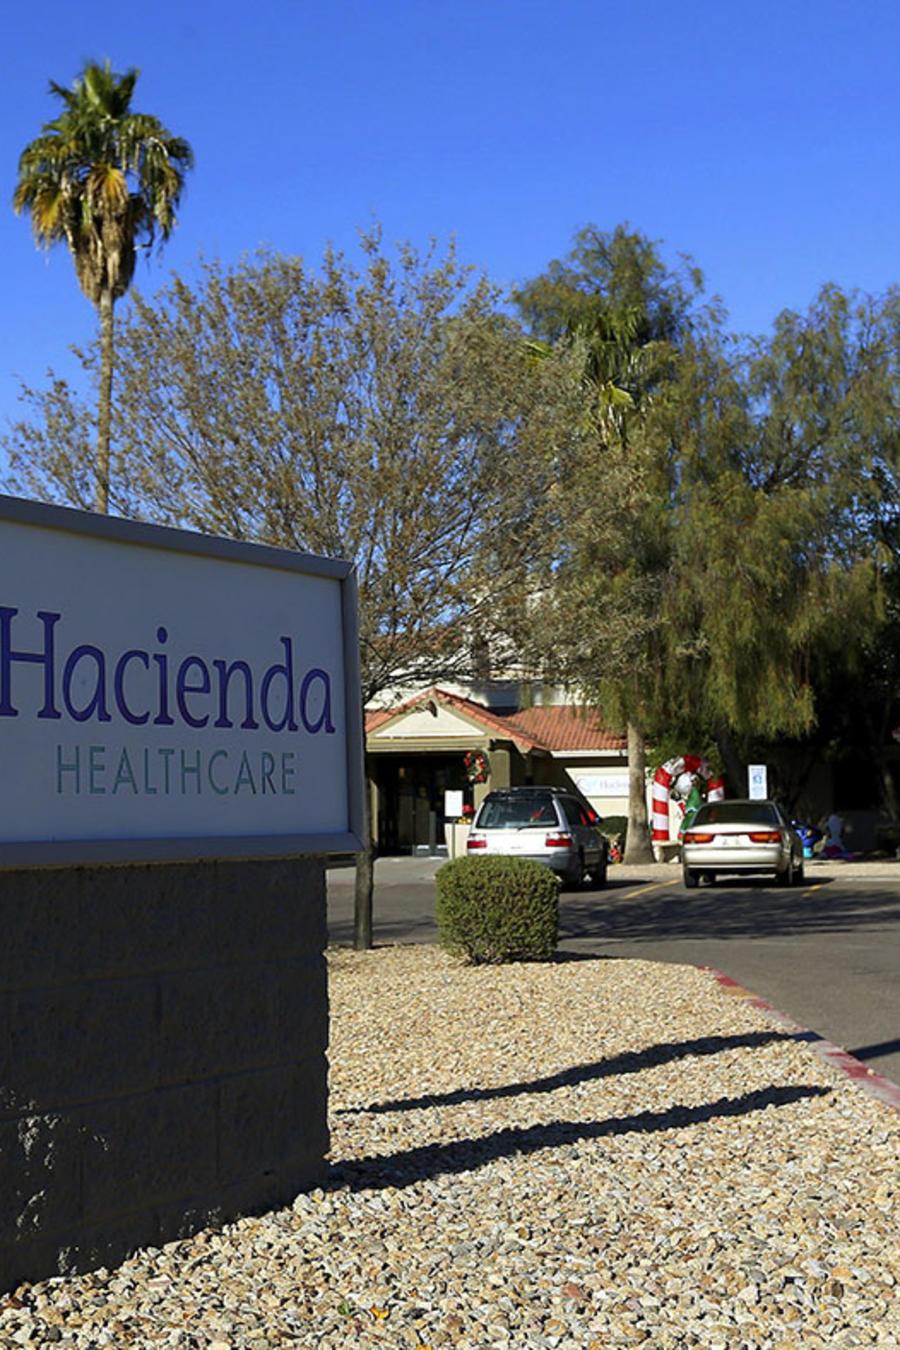 Entrada de la clínica de salud Hacienda HealthCare, en Phoenix, Arizona.